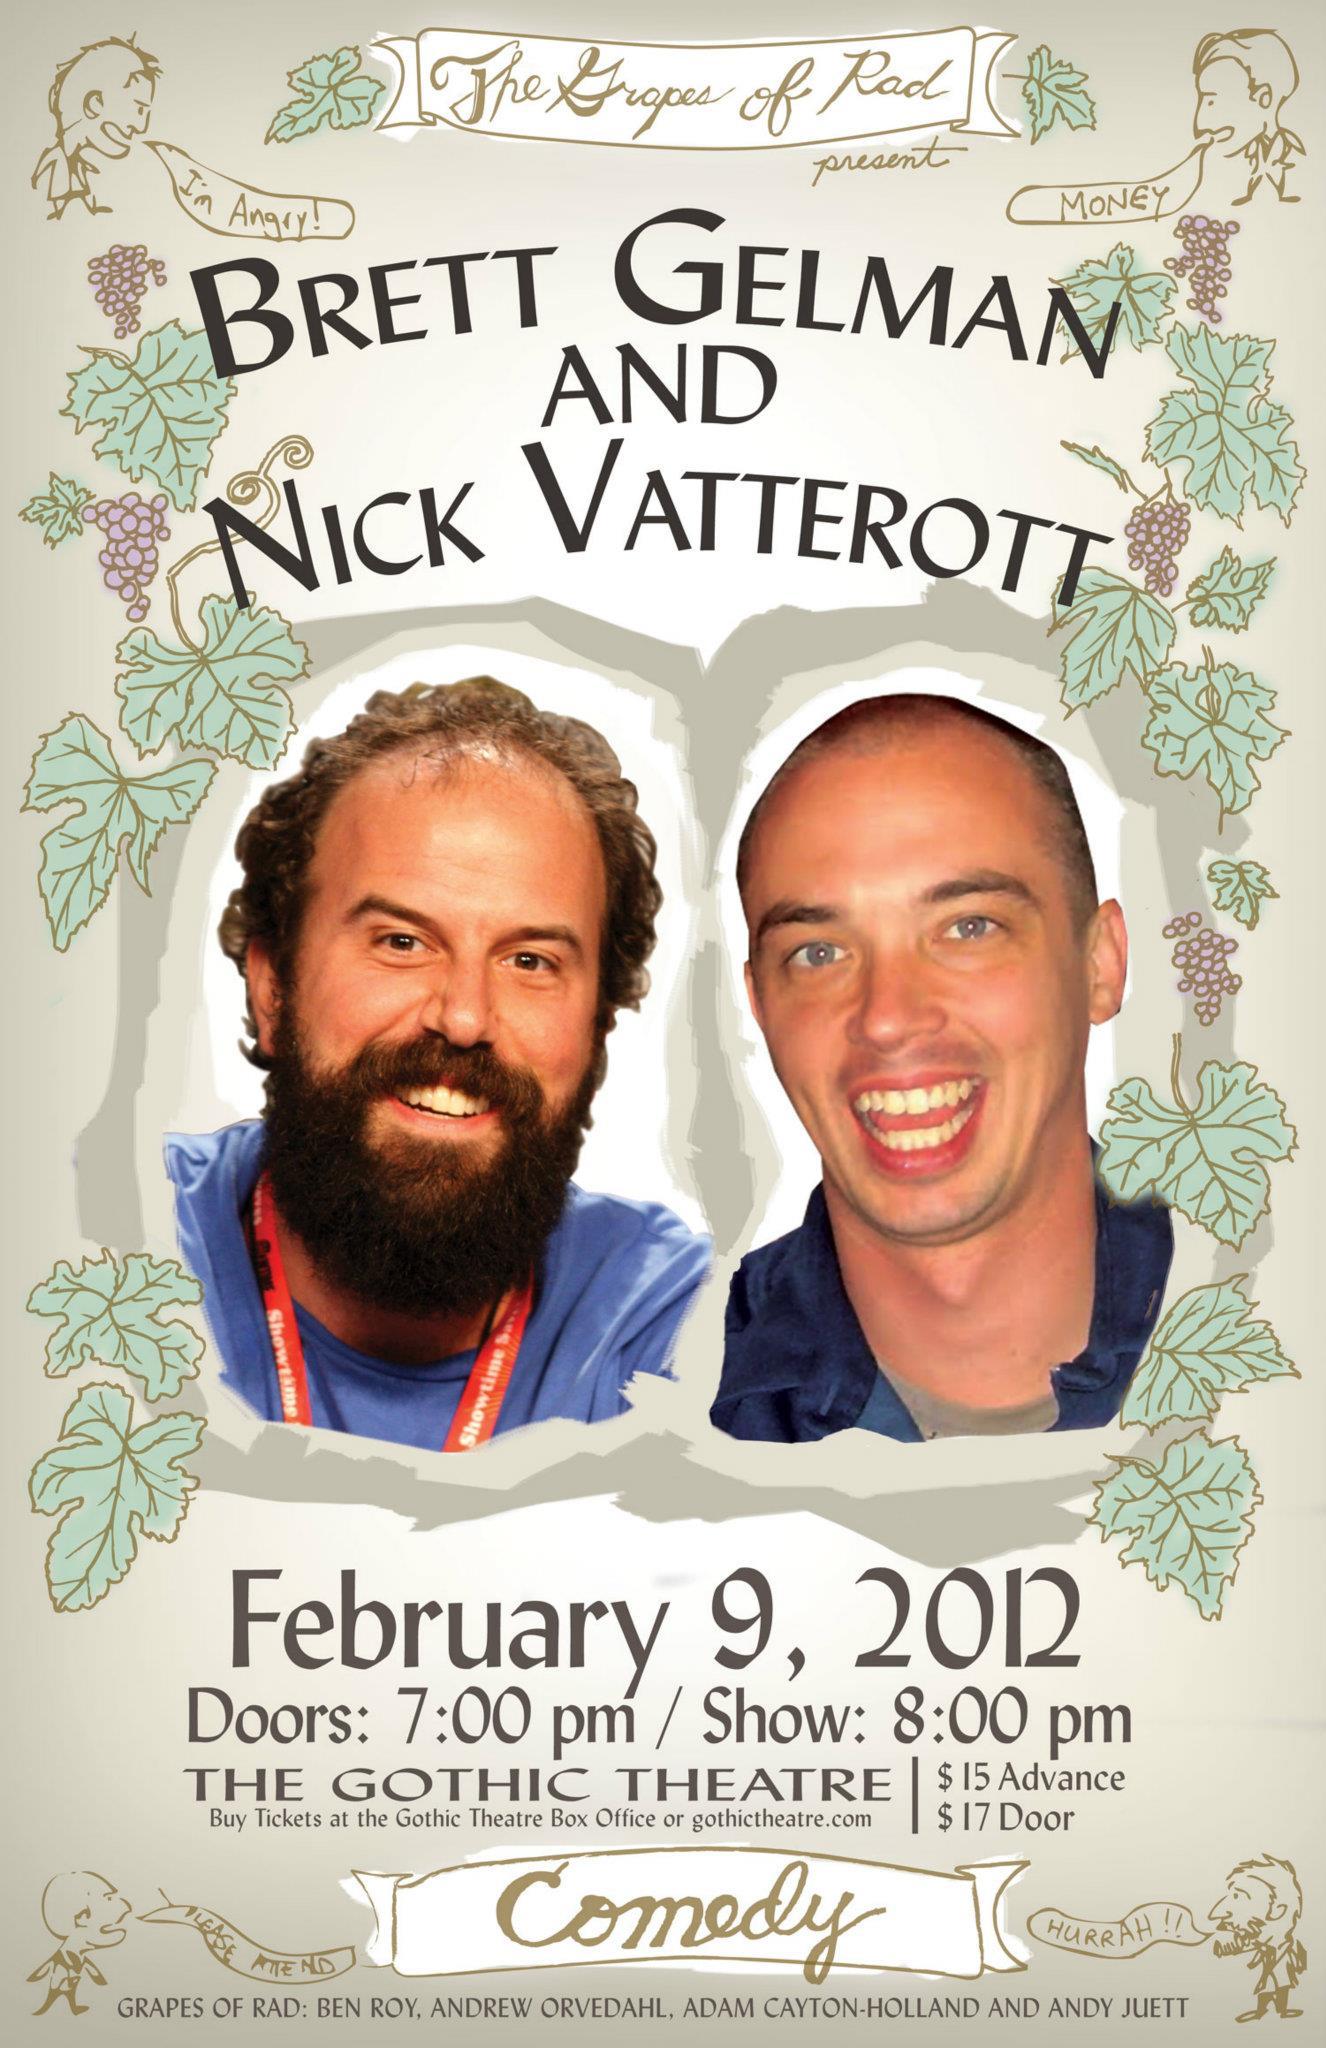 Brett Gelman & Nick Vatterott